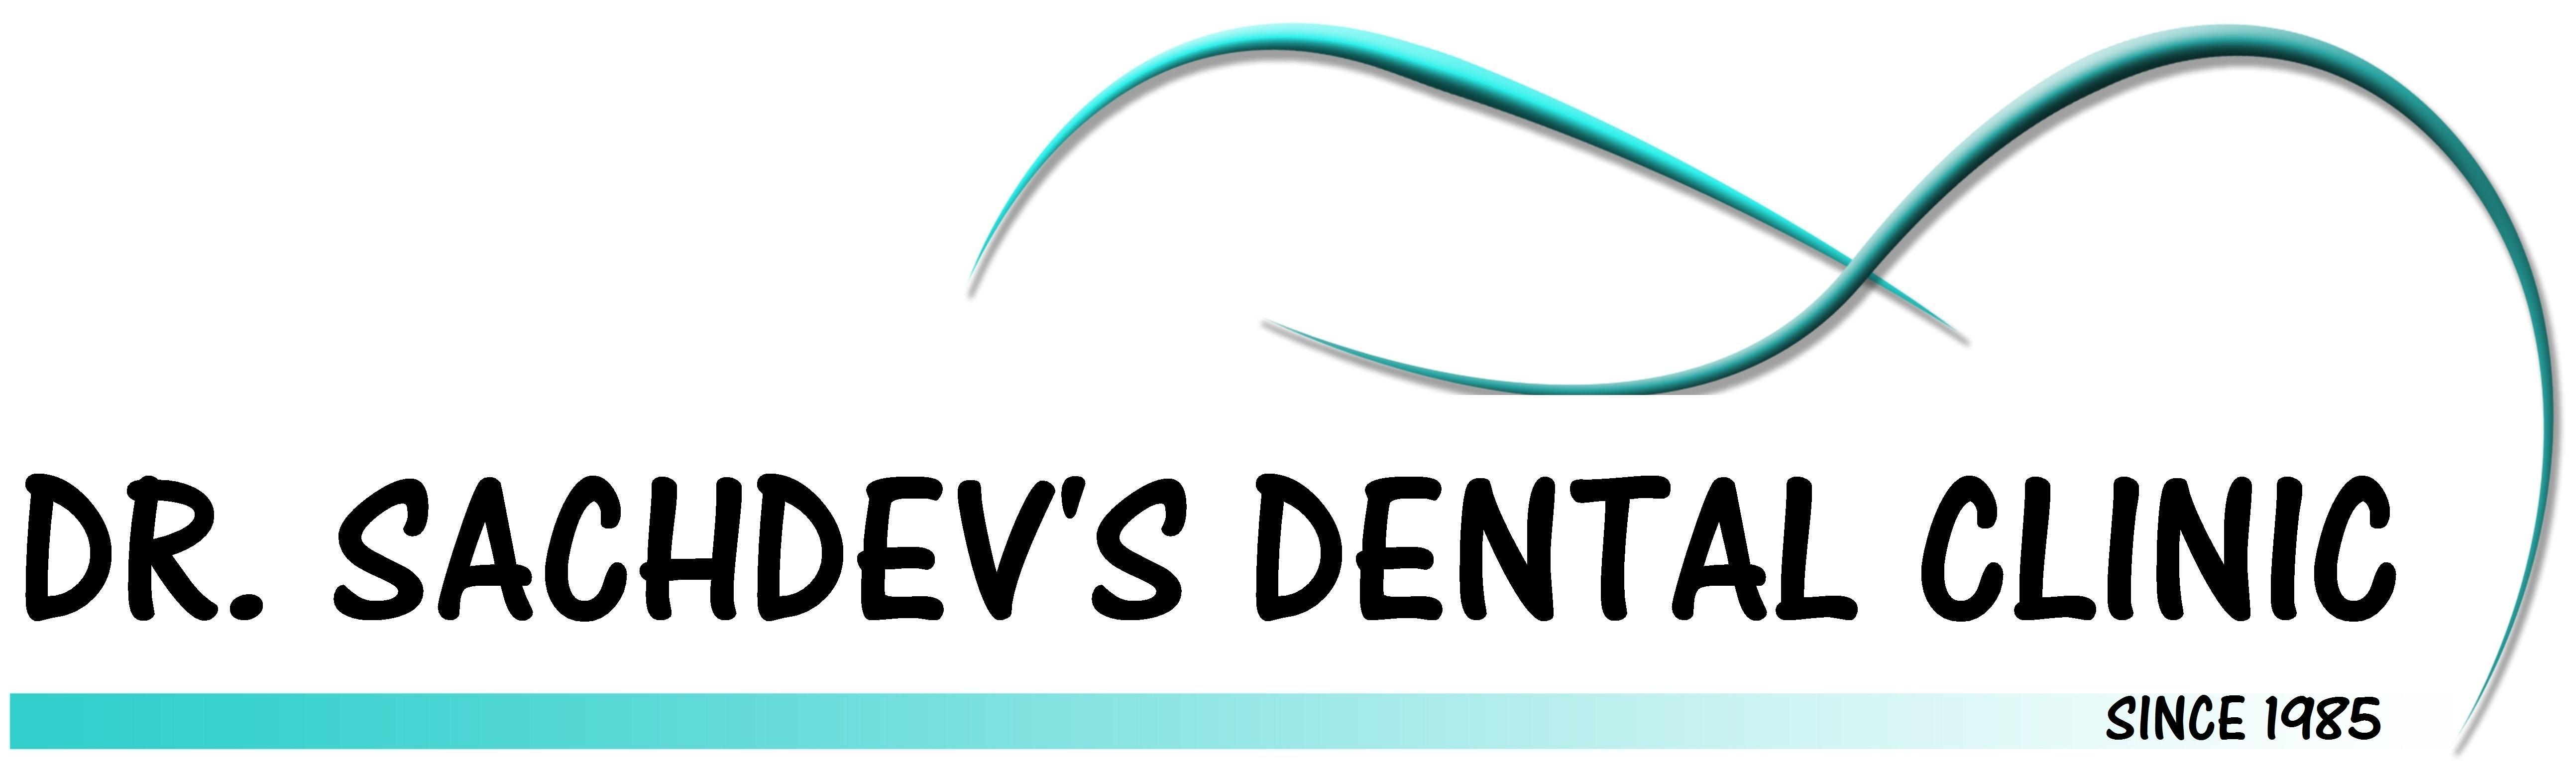 Dr.Sachdev's Dental Clinic